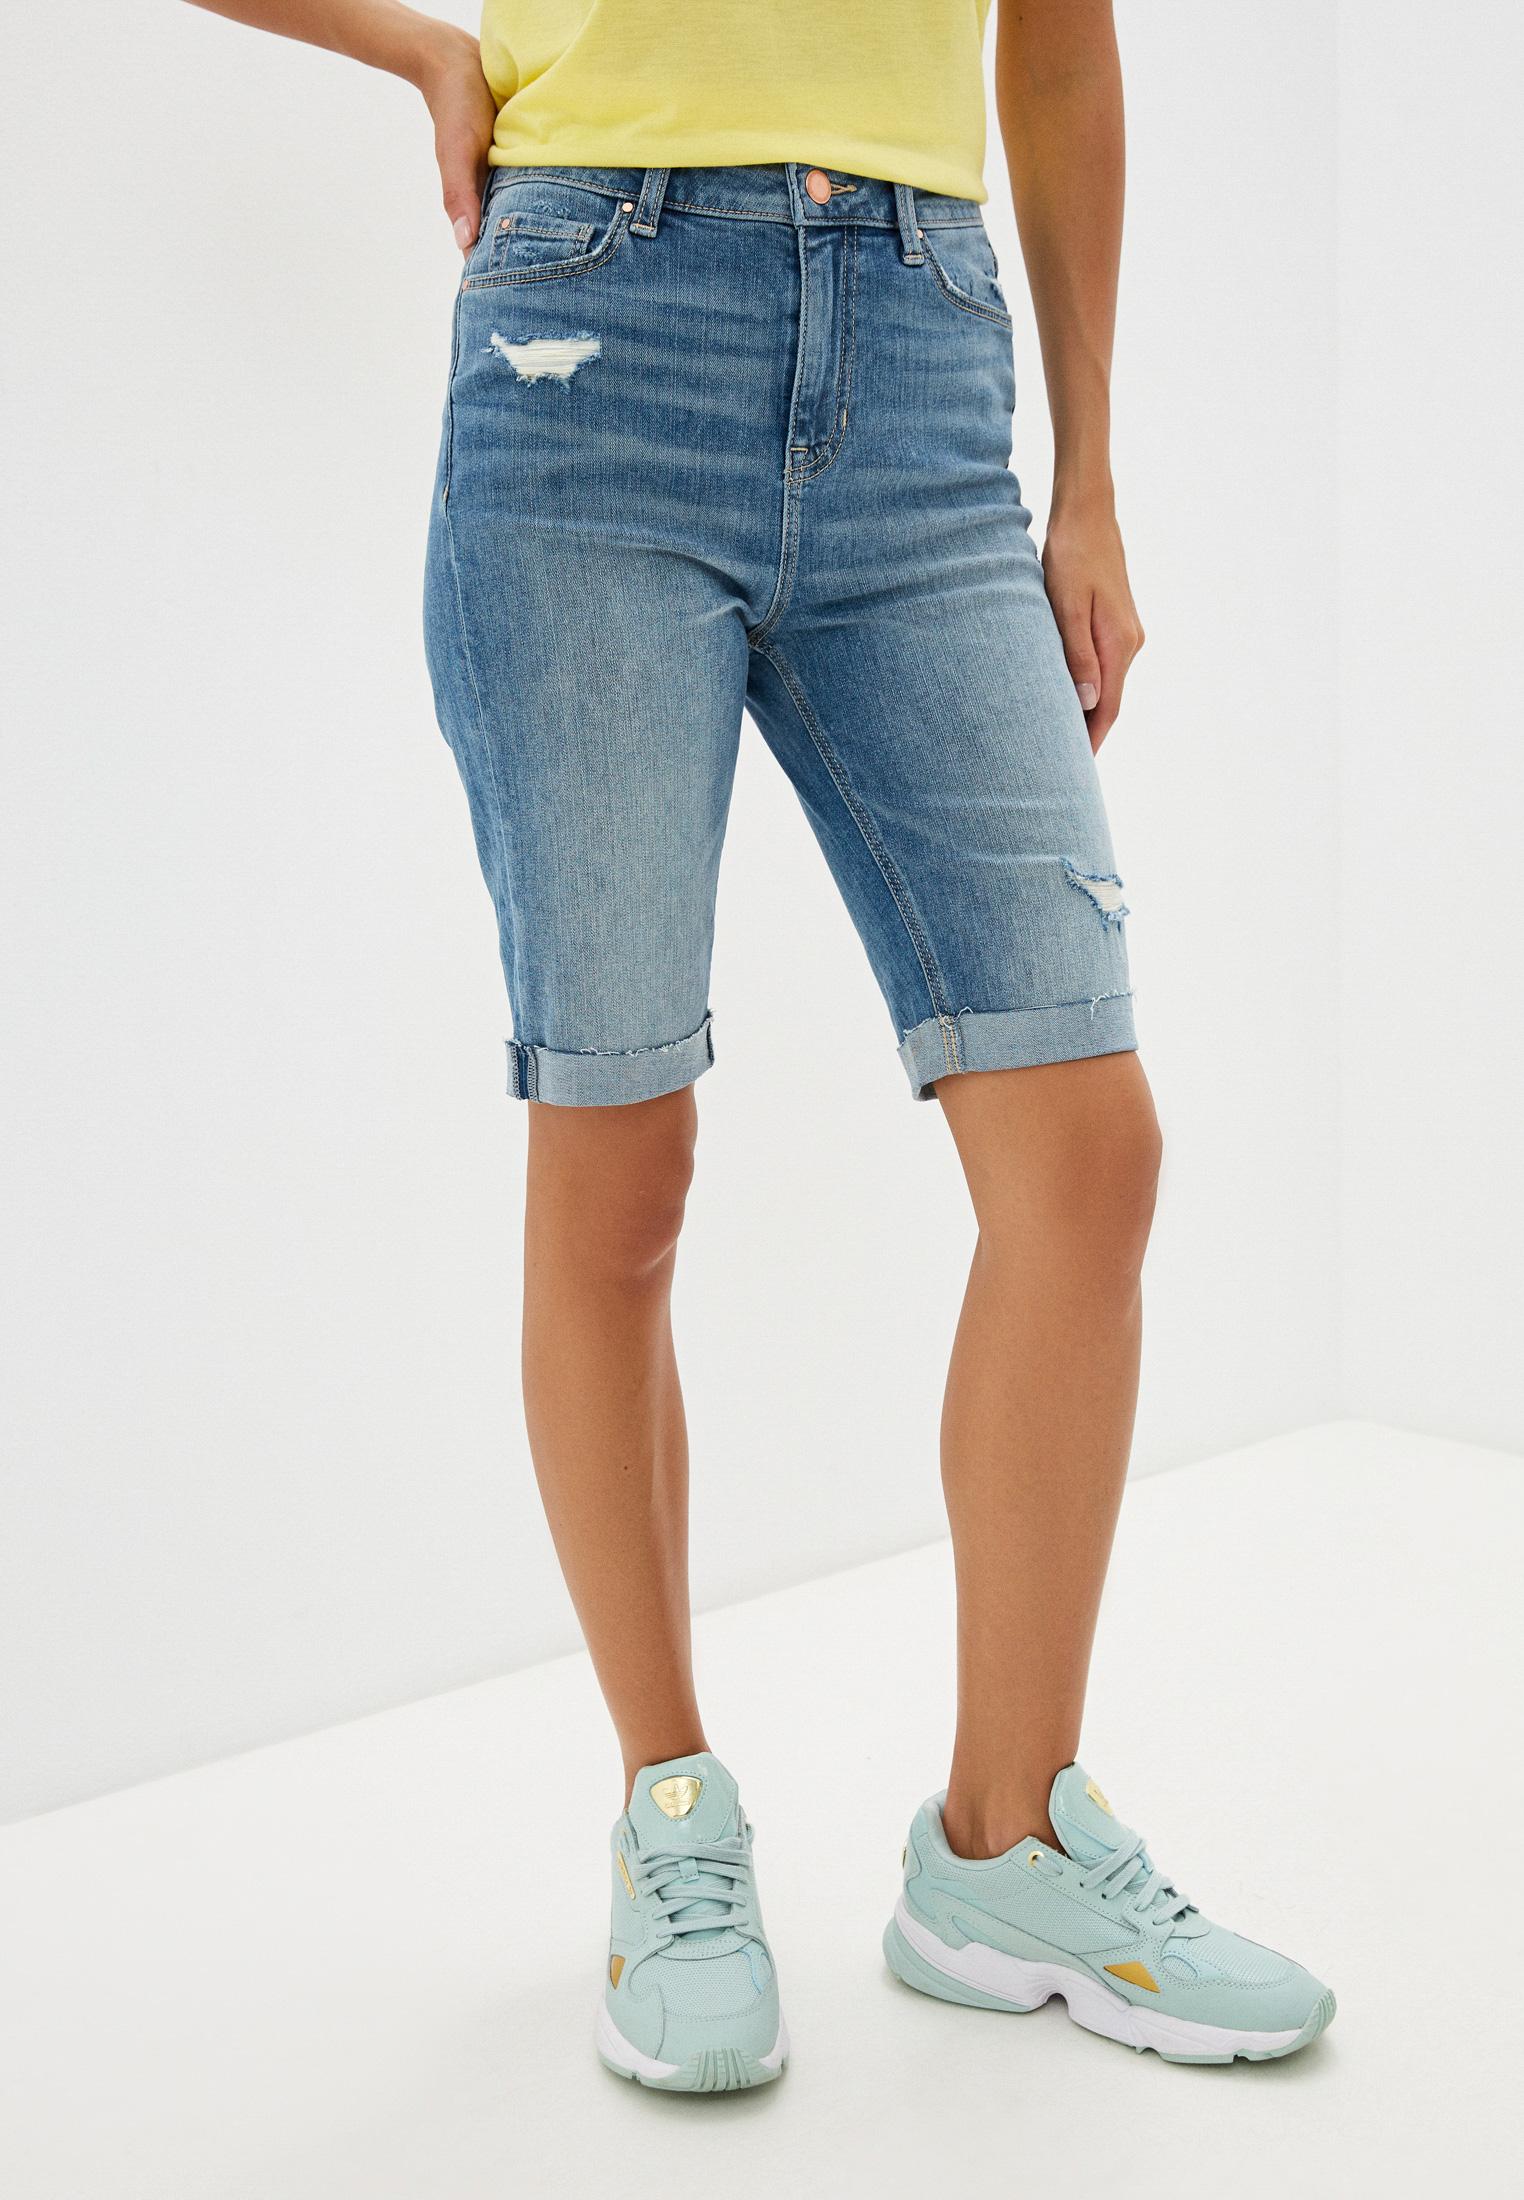 Женские джинсовые шорты Marks & Spencer Шорты джинсовые Marks & Spencer